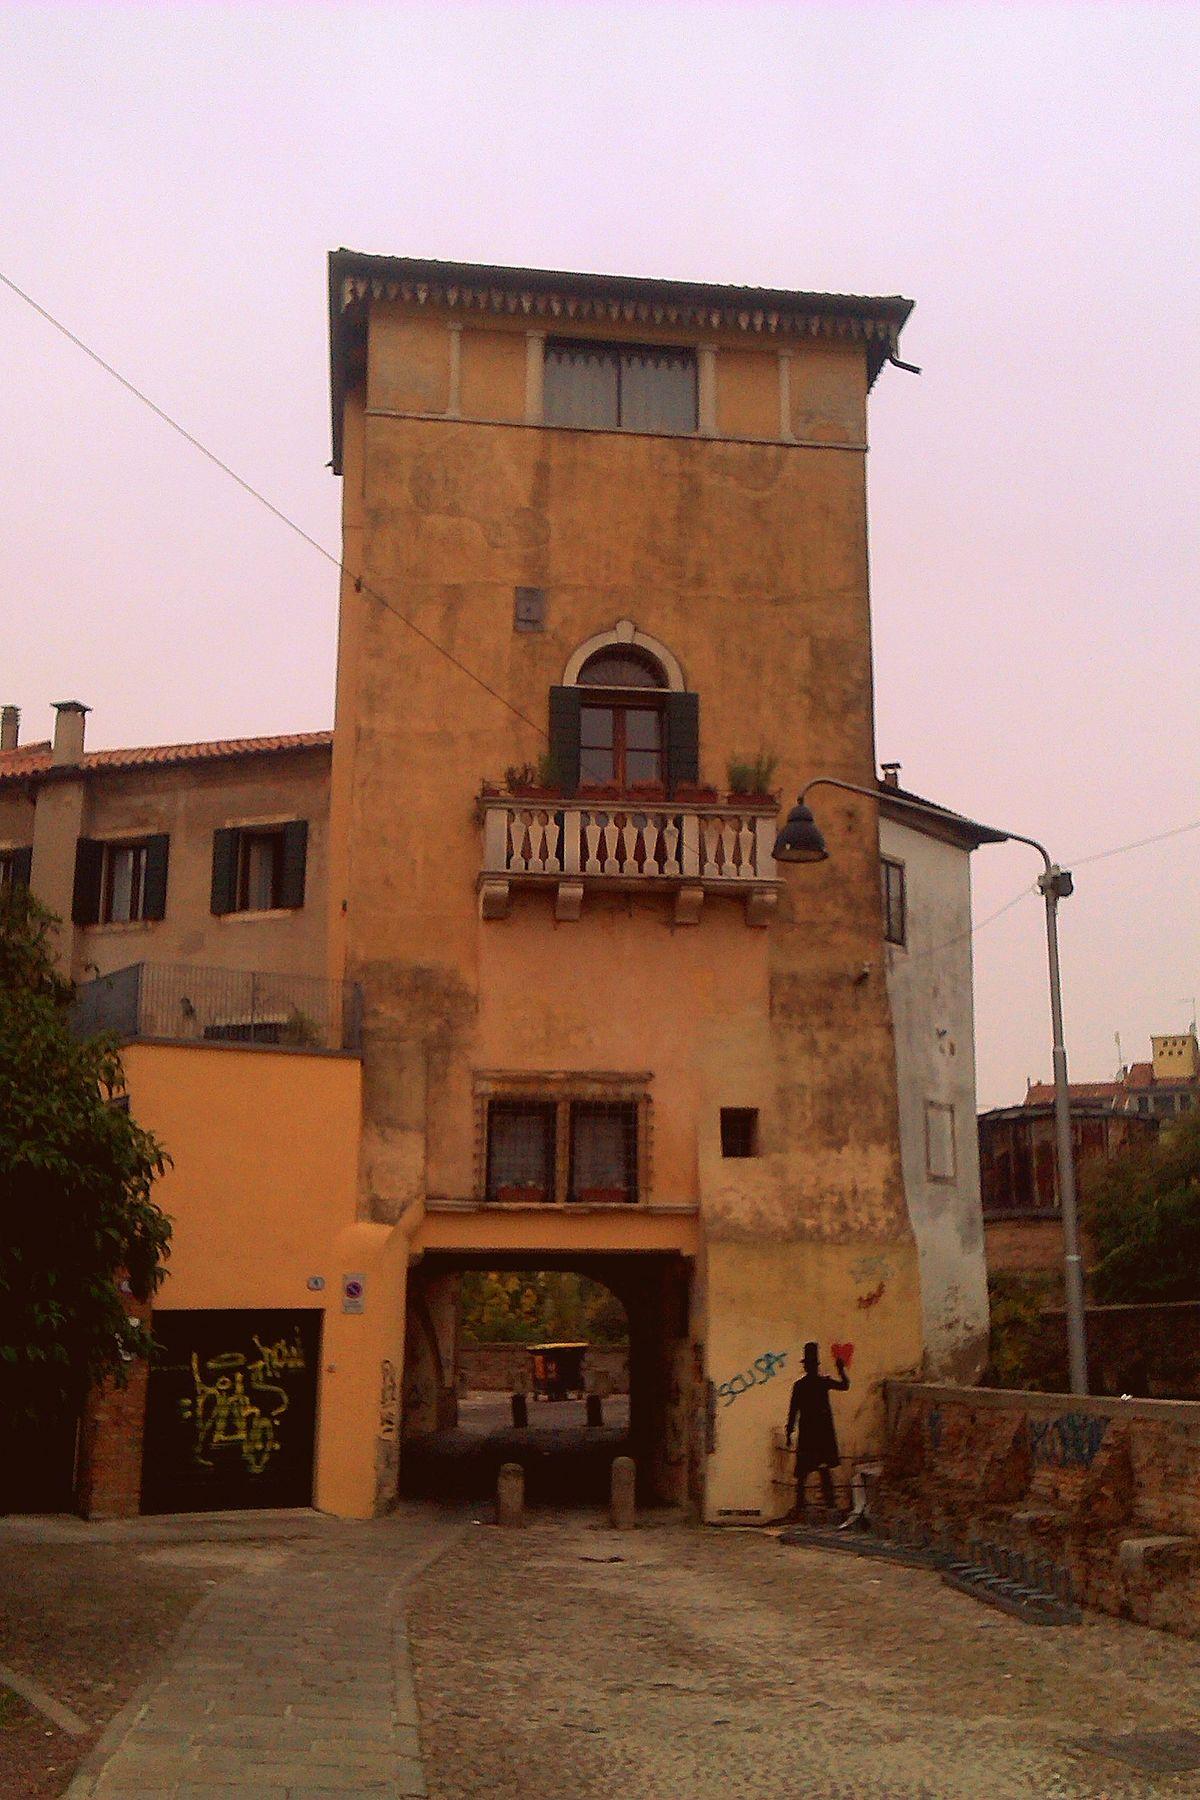 Porta della cittadella vecchia wikipedia - La vecchia porta ...